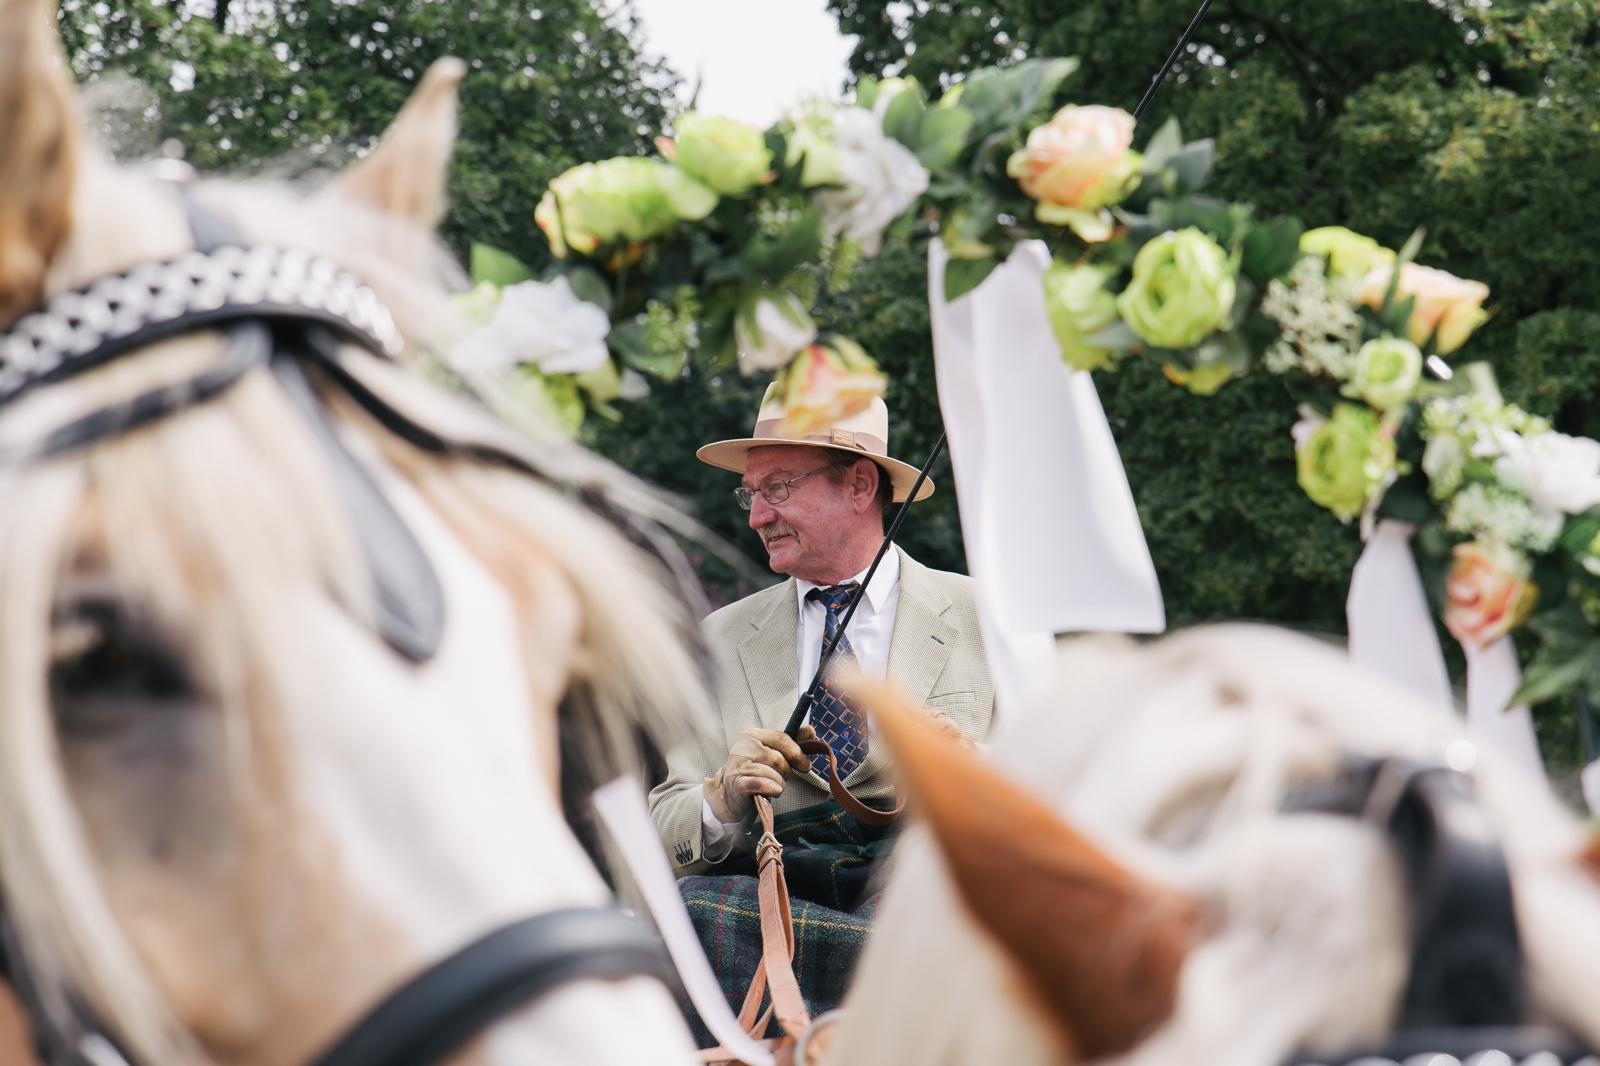 Monstergraphie_Hochzeitsreportage_Bottrop07.jpg?fit=1600%2C1066